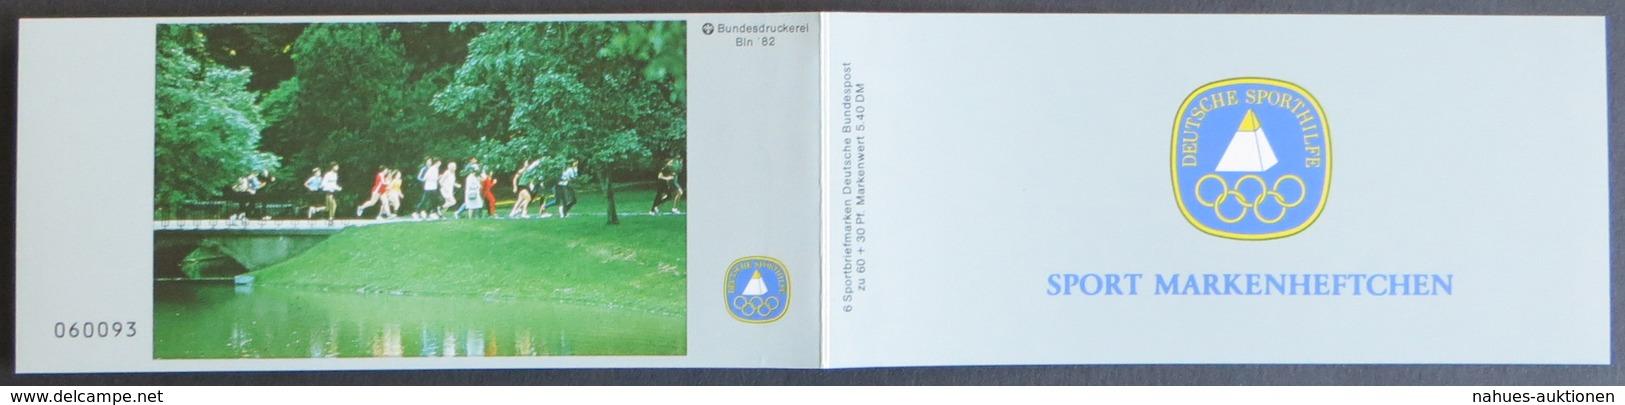 Sport Markenheftchen 1982 Dauerlauf Jogger Postfrisch - BRD